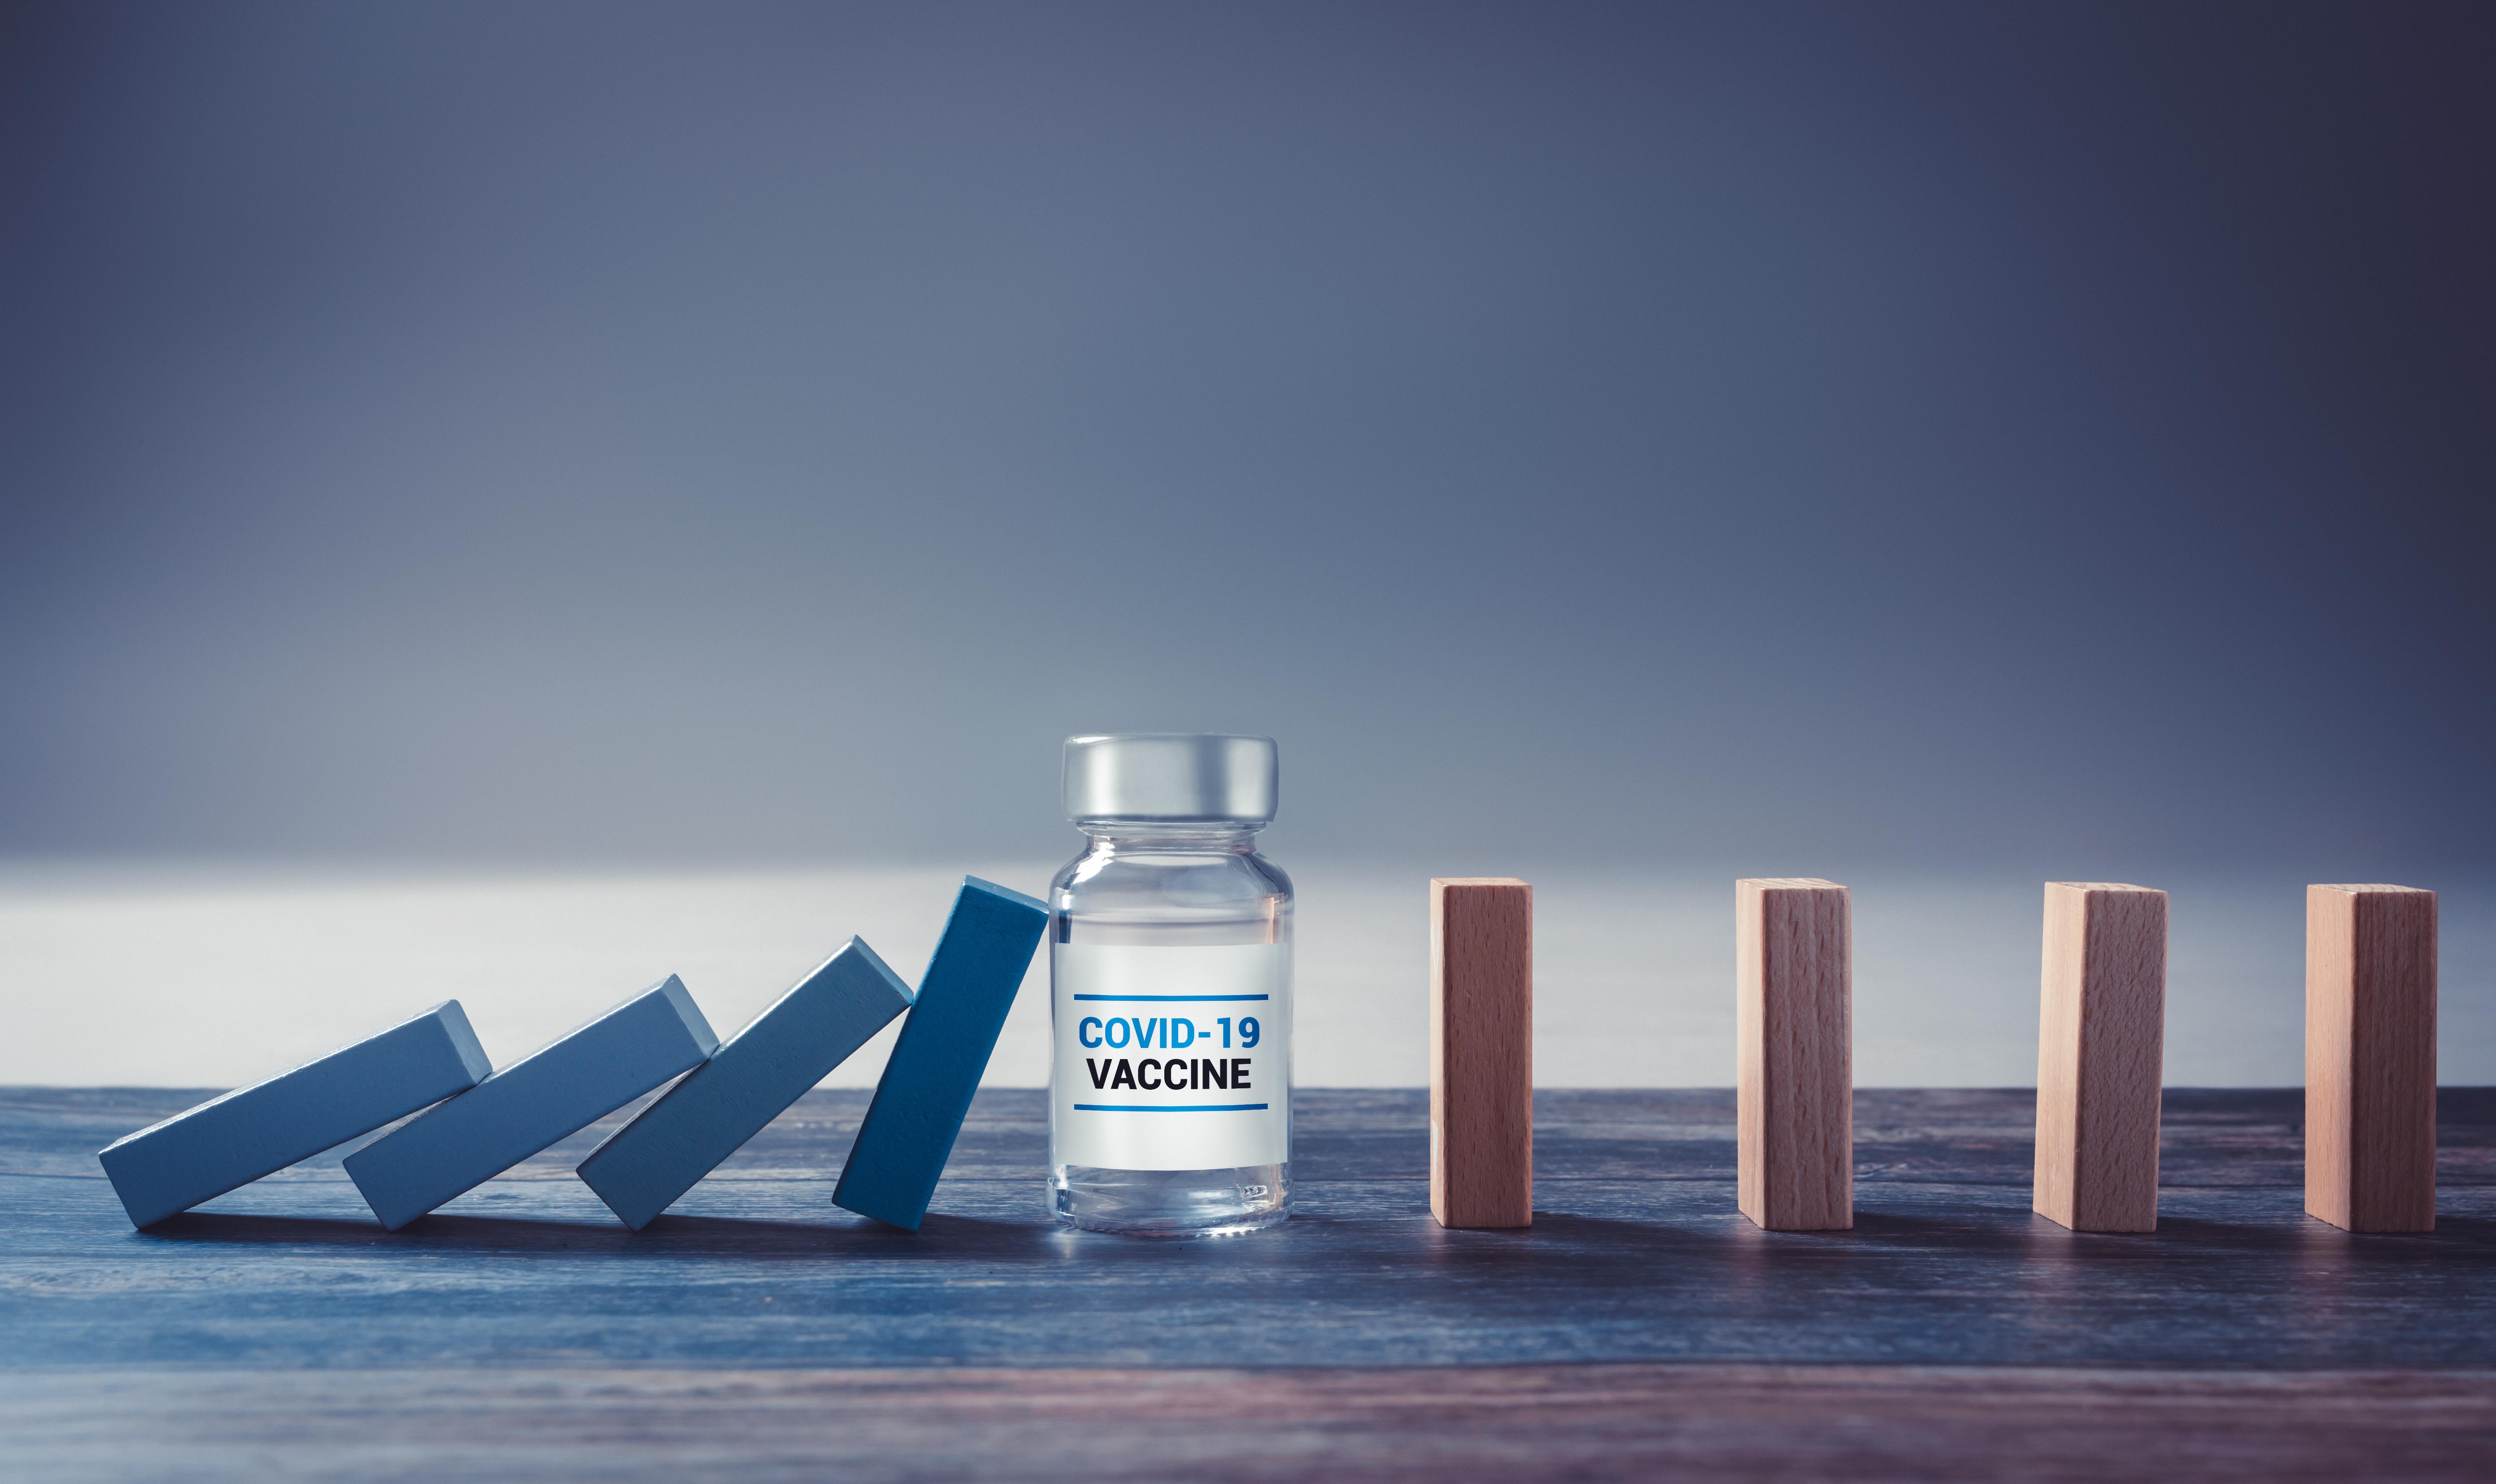 La seconde dose est primordiale pour apporter un maintien à plus long terme de l'immunité (Visuel Adobe Stock 398233632)